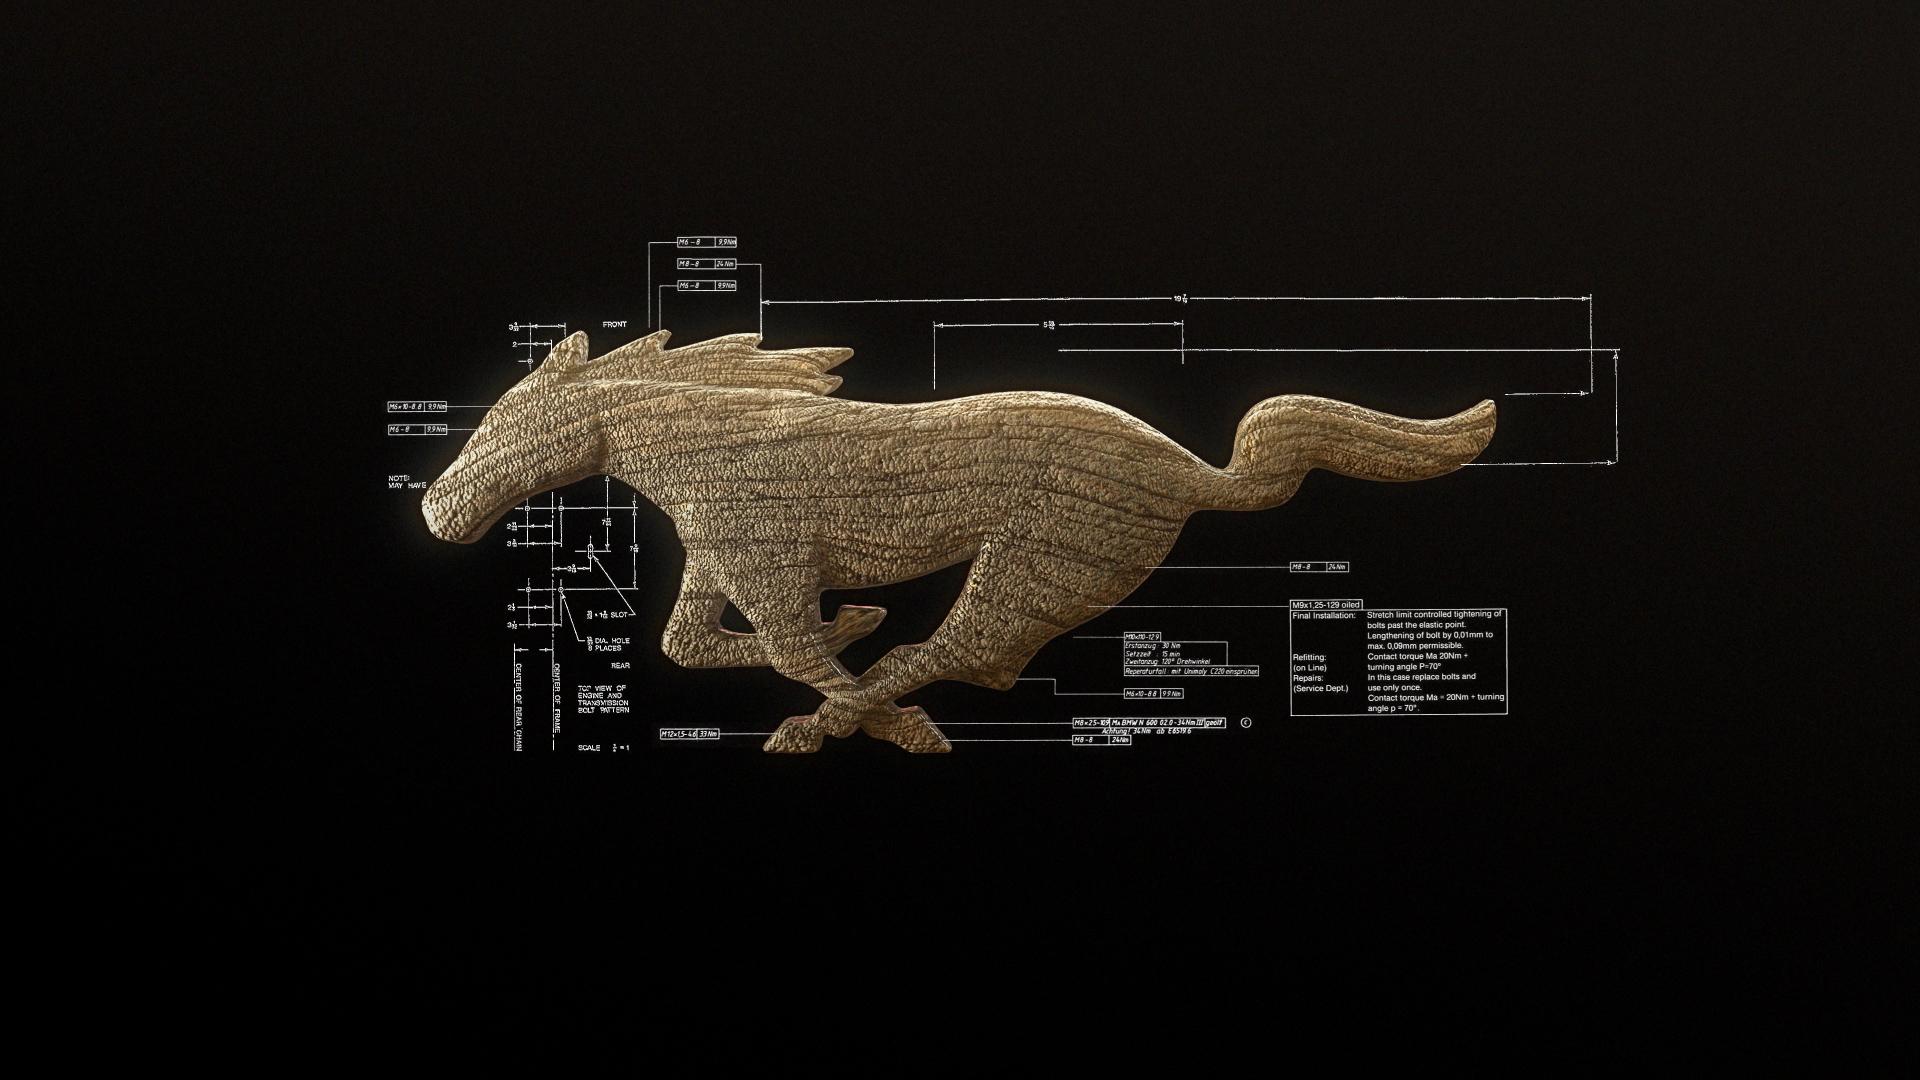 DAAM_Mustang_04.jpg